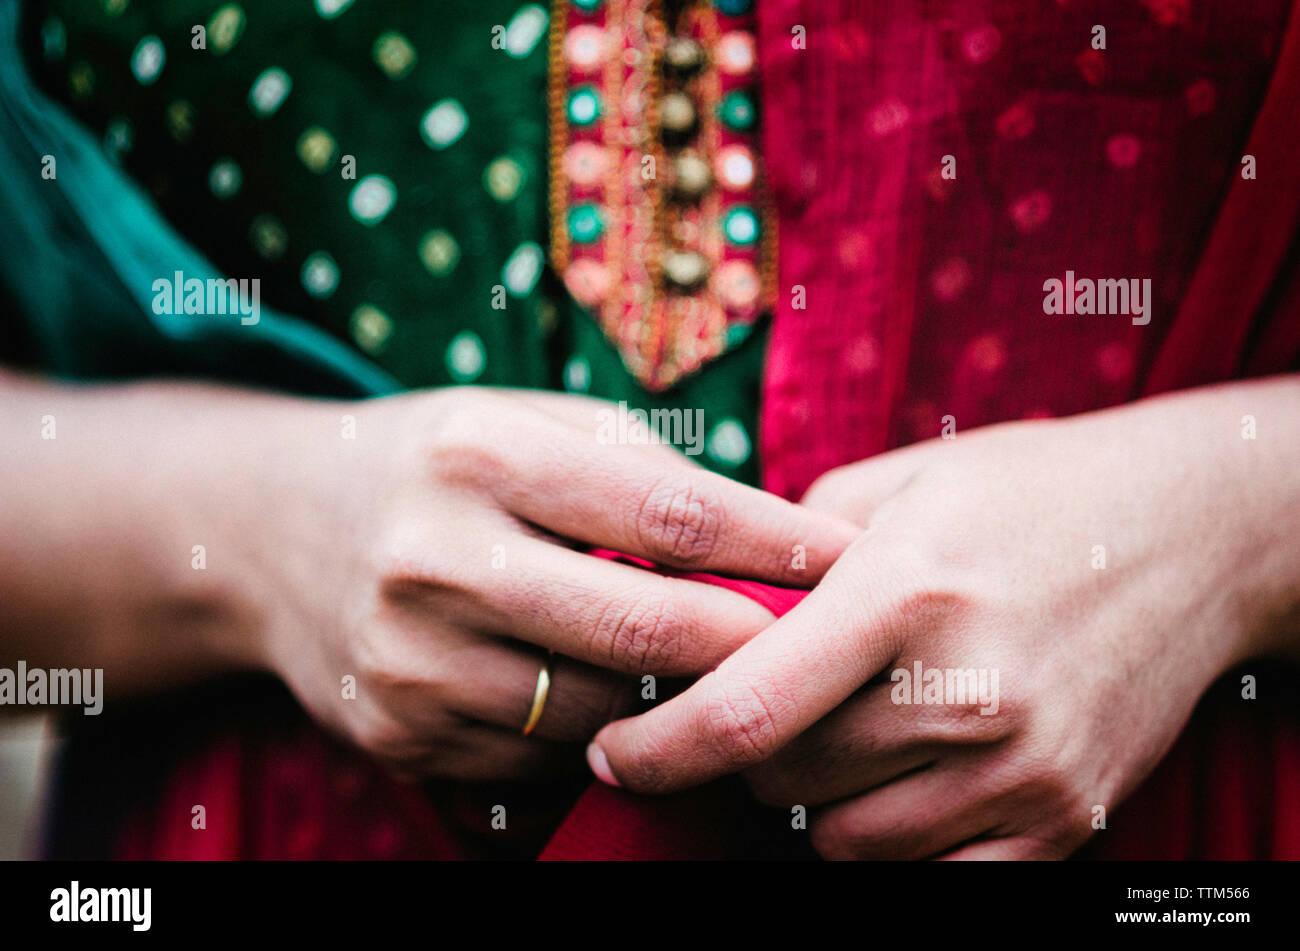 Salwar Kameez Stock Photos & Salwar Kameez Stock Images - Alamy